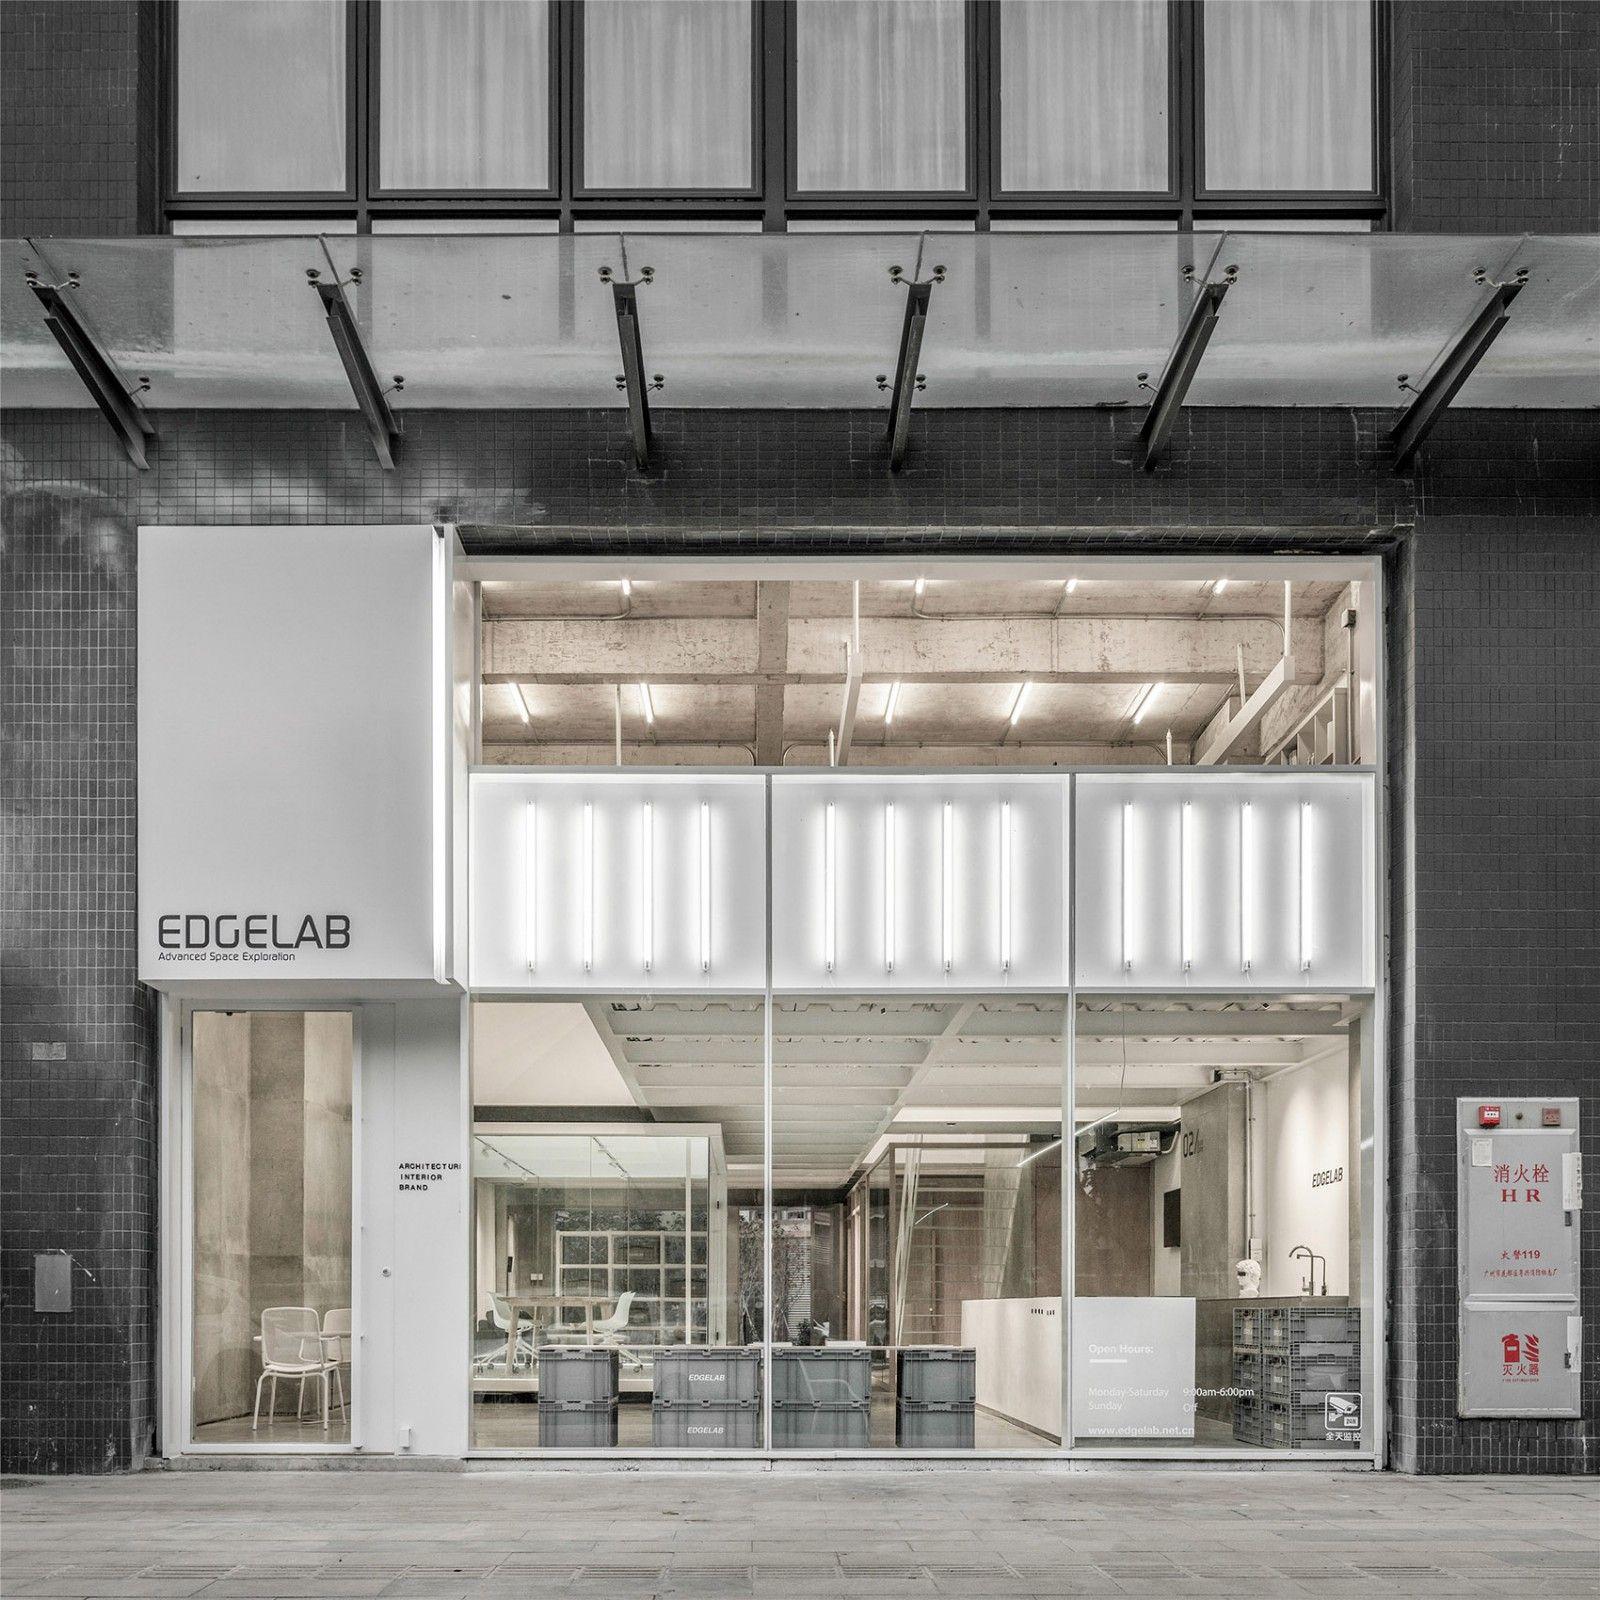 移动的玻璃盒子,广东Edgelab办公空间 | Edgelab边界实验工作室|黄智武、何钢荣 - 0